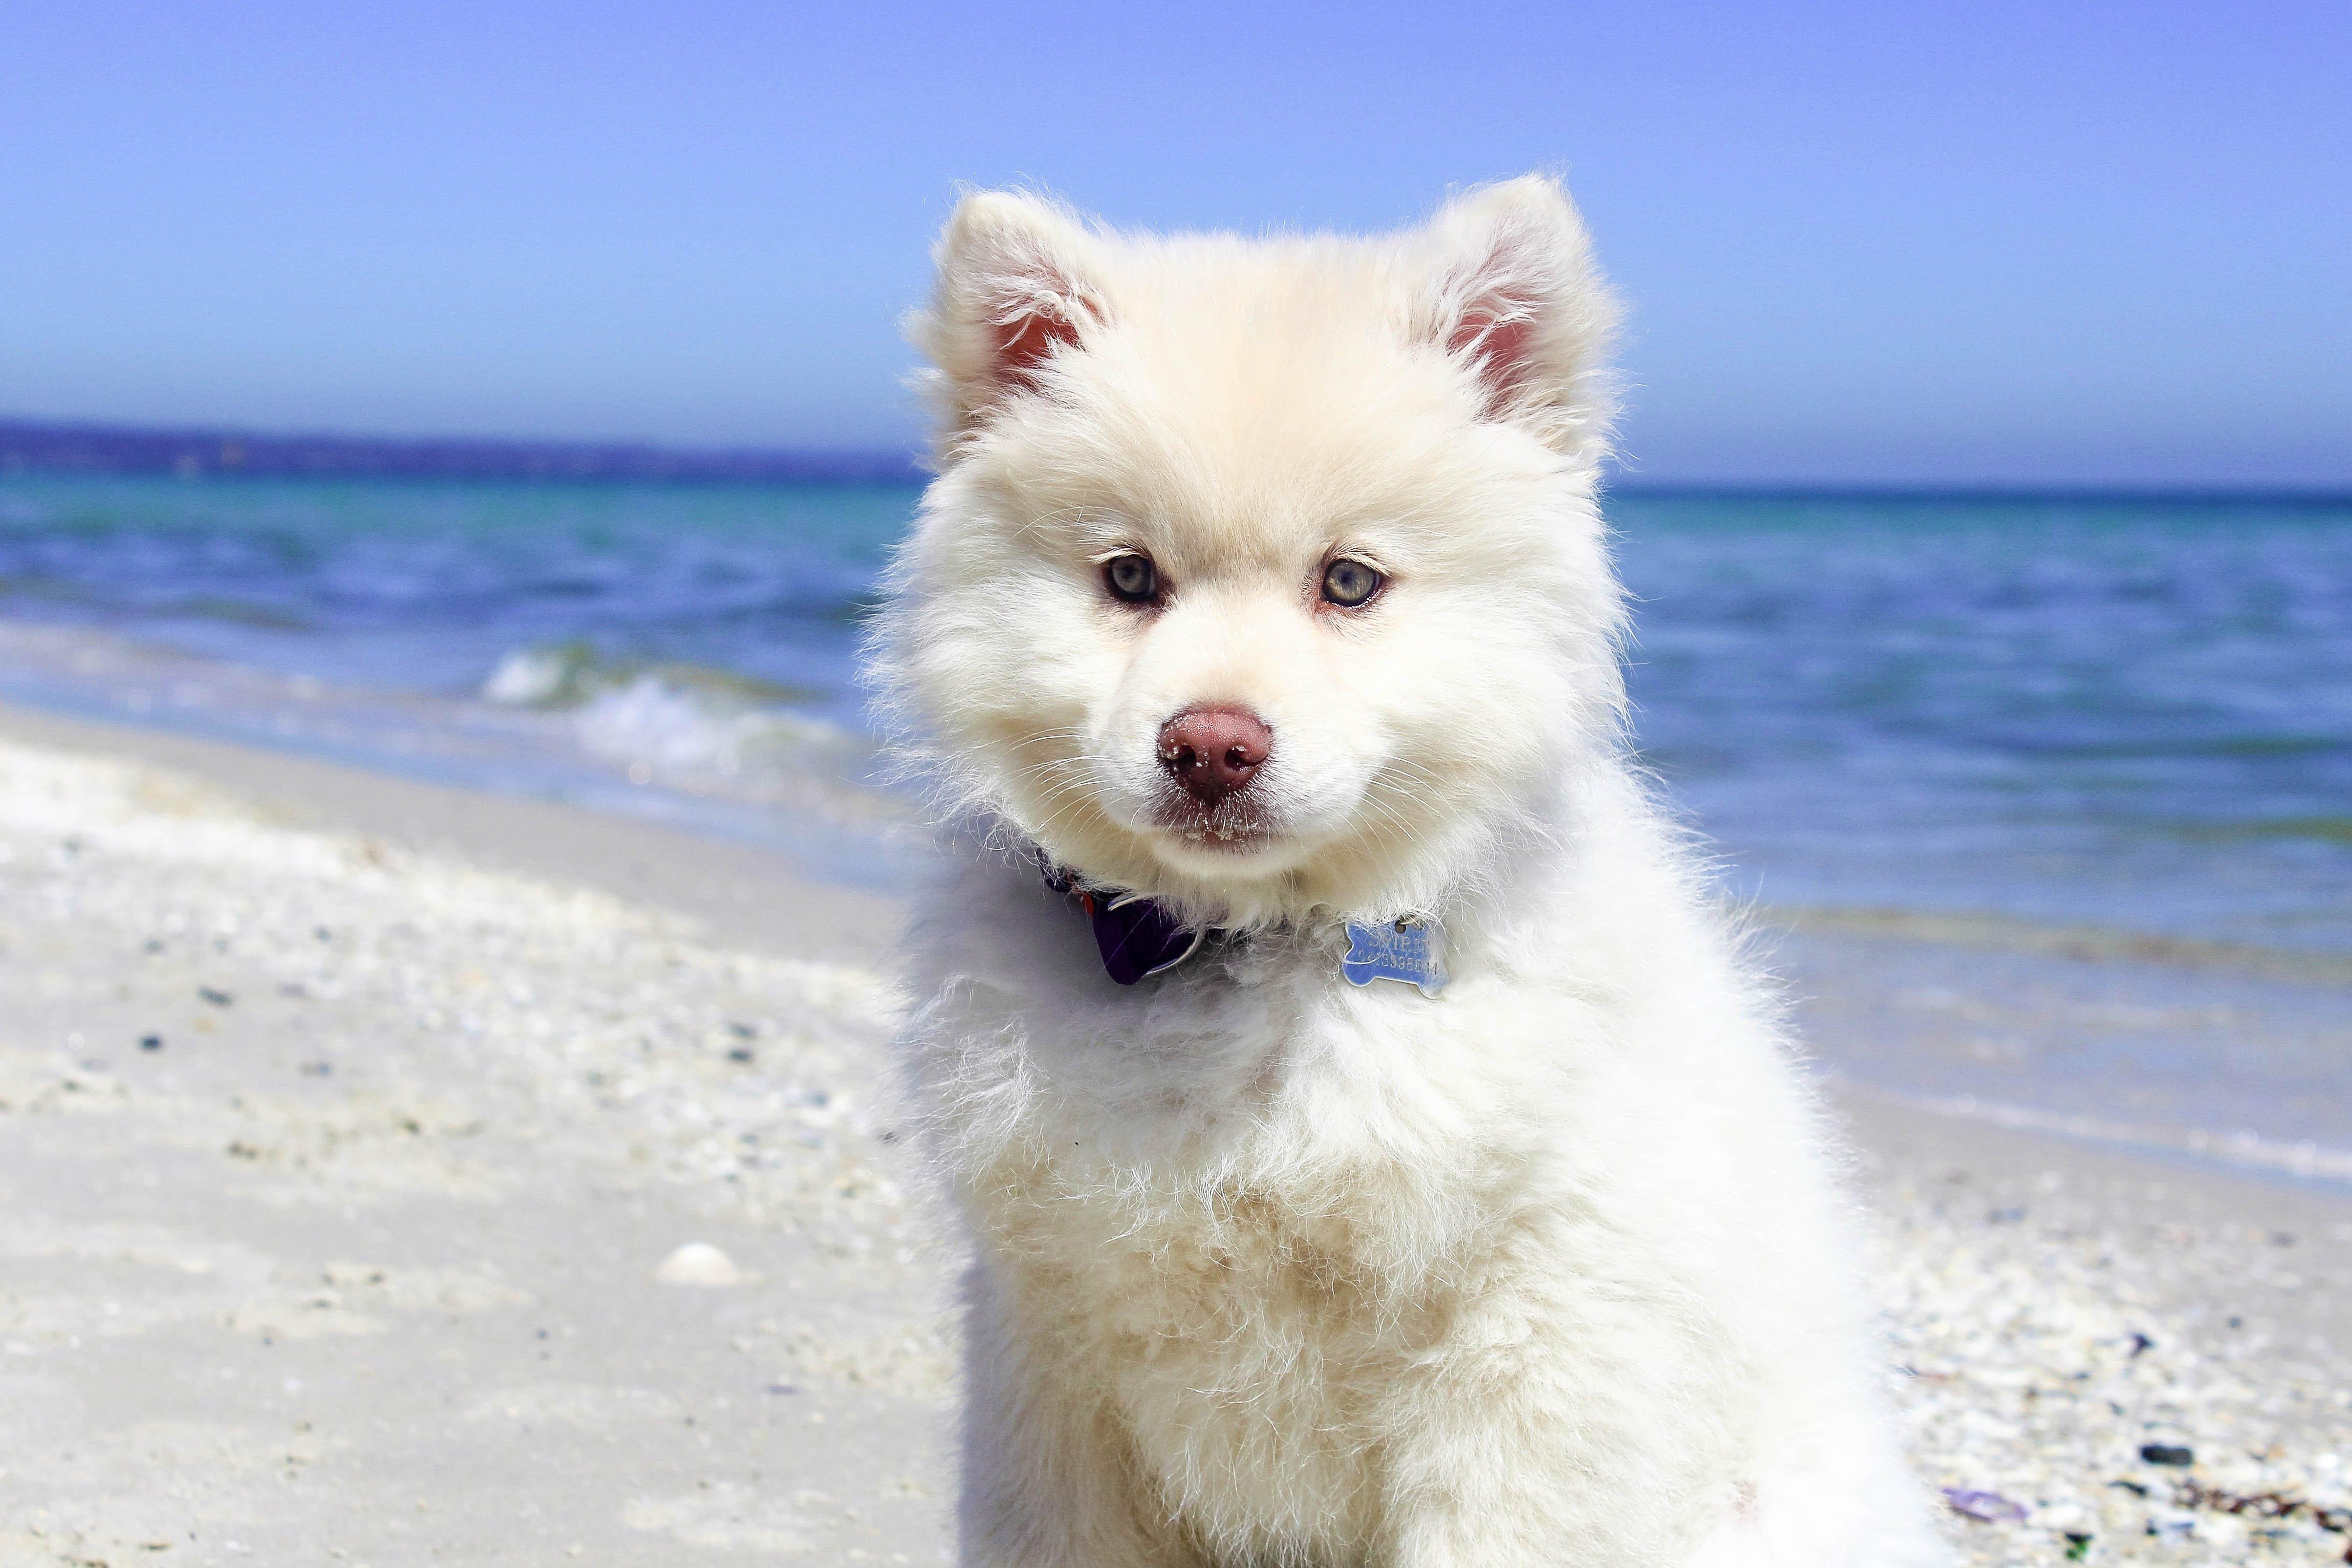 Cura del cane al mare: le regole fondamentali